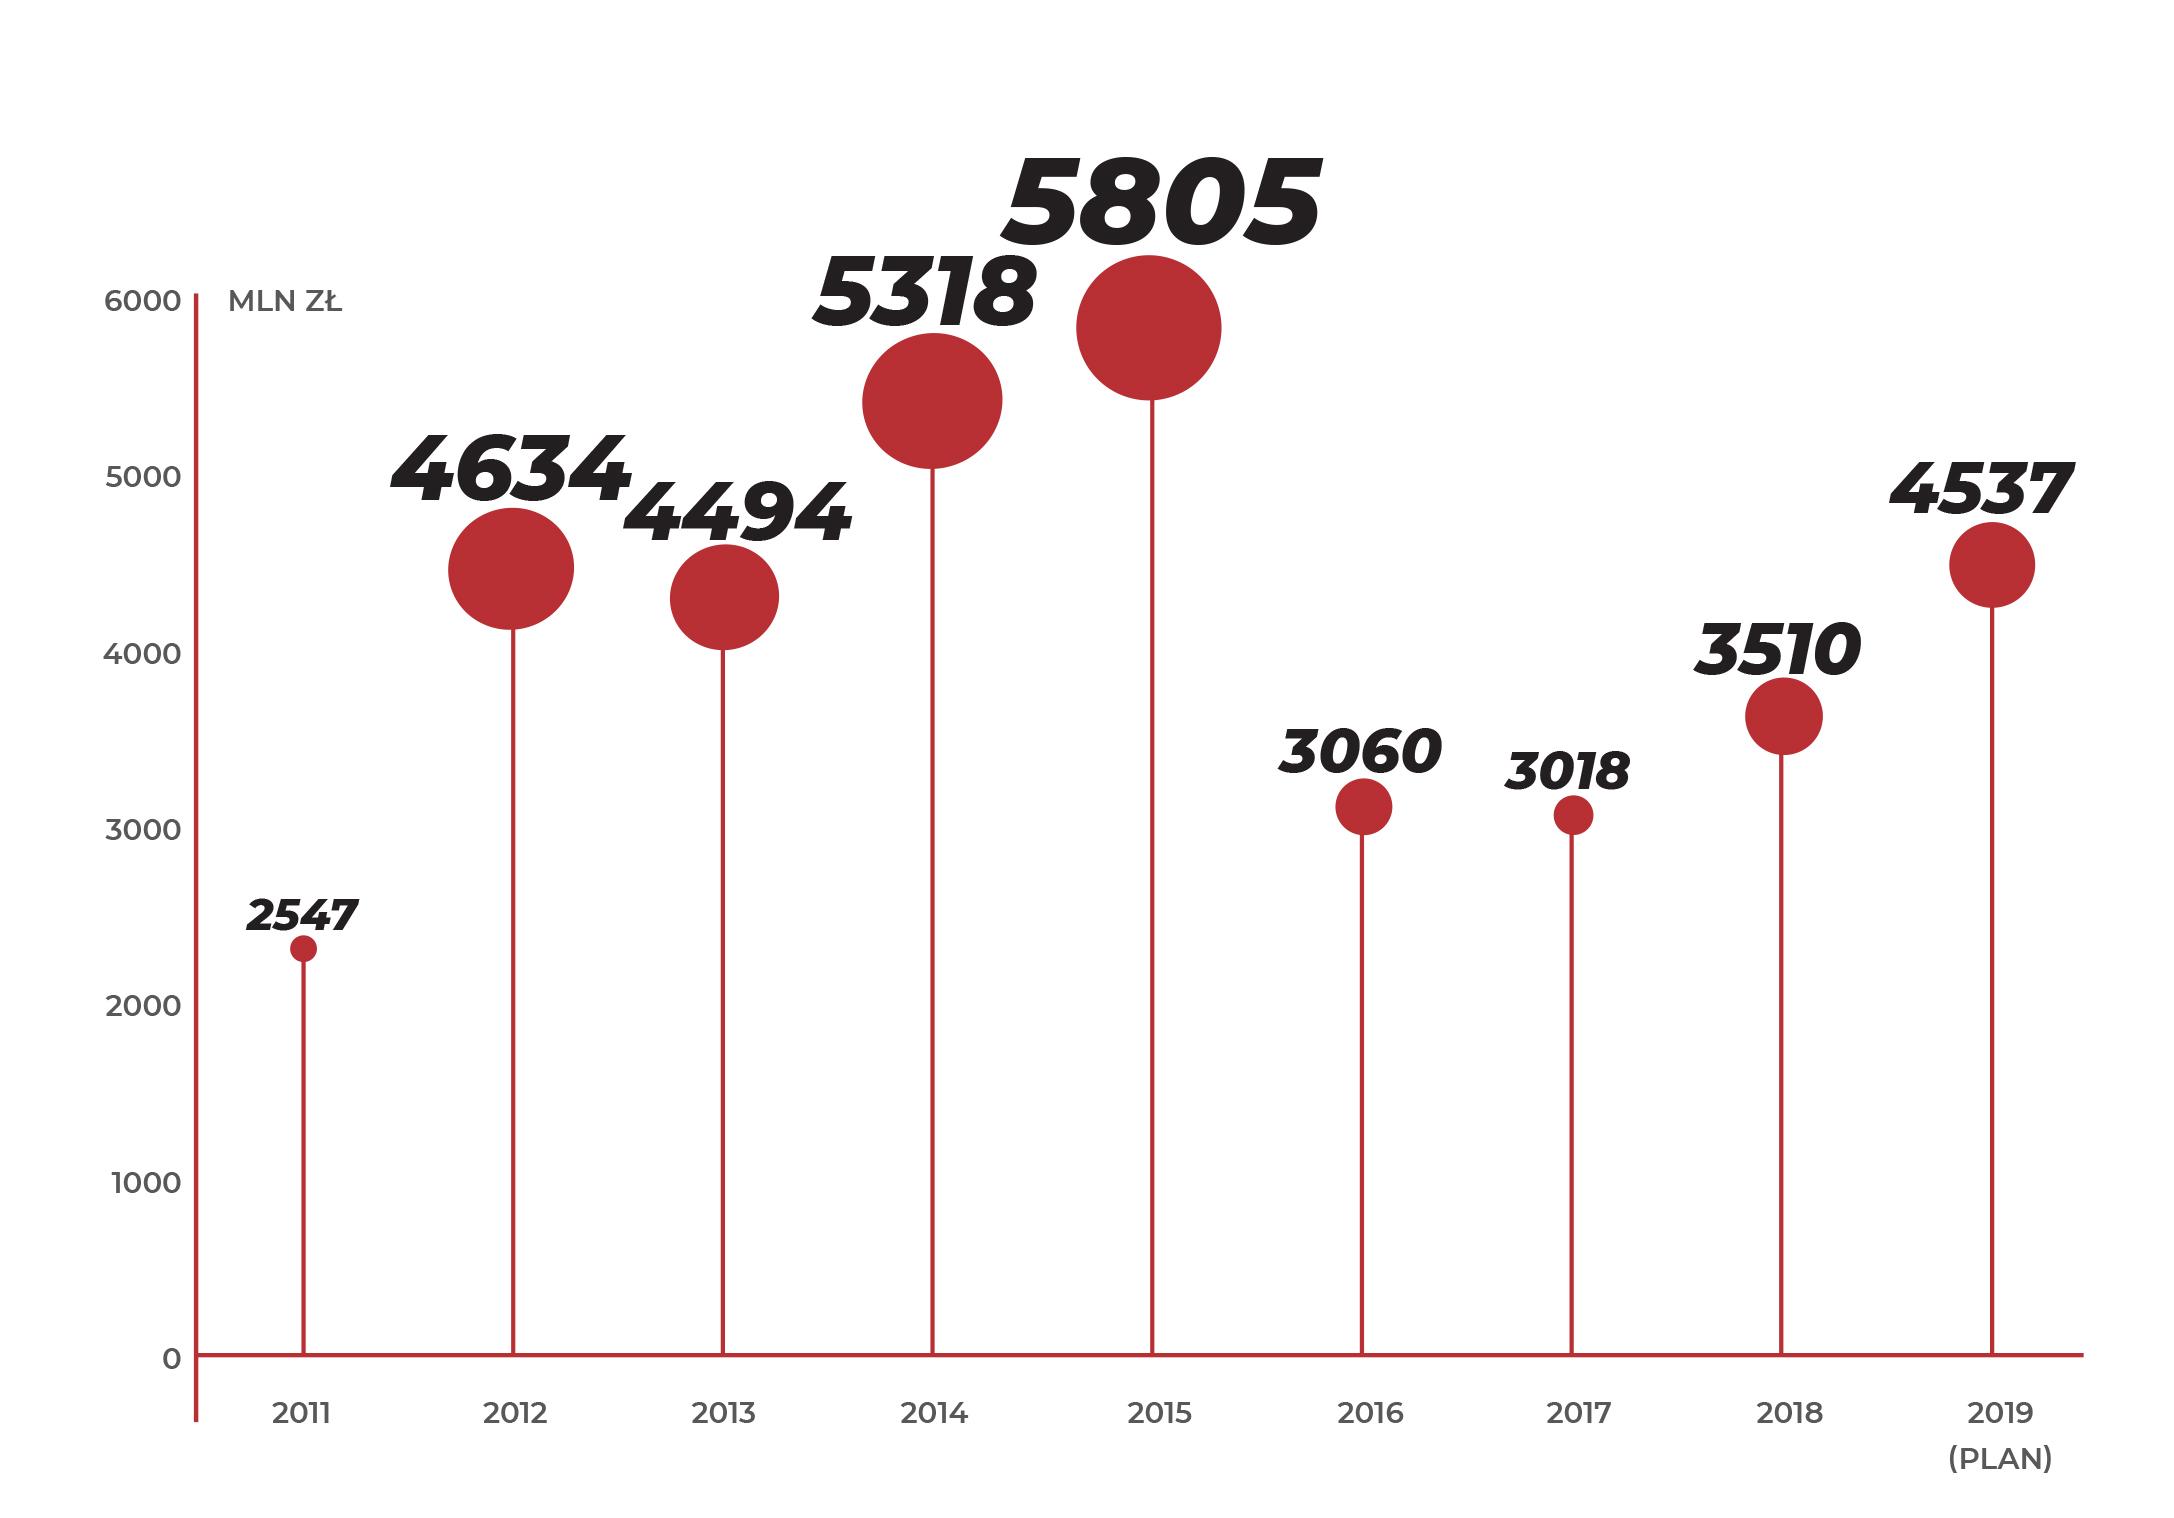 WYKRES PRZEDSTAWIA BUDŻET NCBR W LATACH 2011-2018